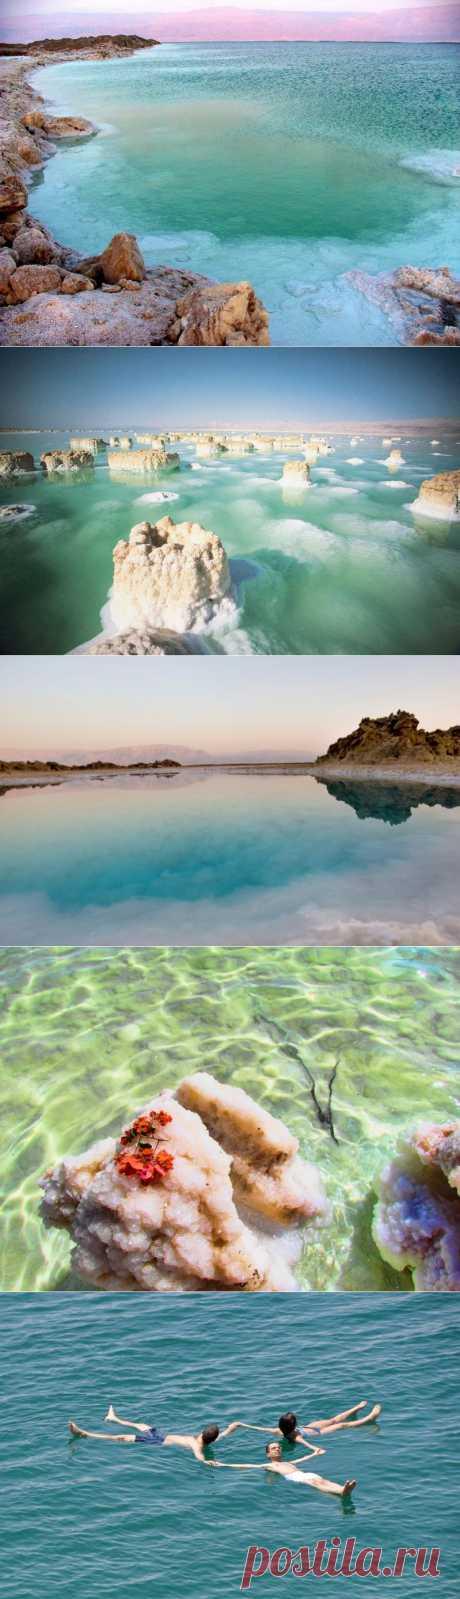 МЕРТВОЕ МОРЕ - самое глубокое из соленых озер в мире, простирающееся вдоль границы между Иорданией, Израилем и Палестинской автономией. Именно за высокую соленость воды озеро получило звание моря. Вода здесь солонее, чем в океане примерно в 8,6 раз. Поверхность уникального озера находится на 425 м ниже уровня моря, что делает его самой низкой точкой на планете.